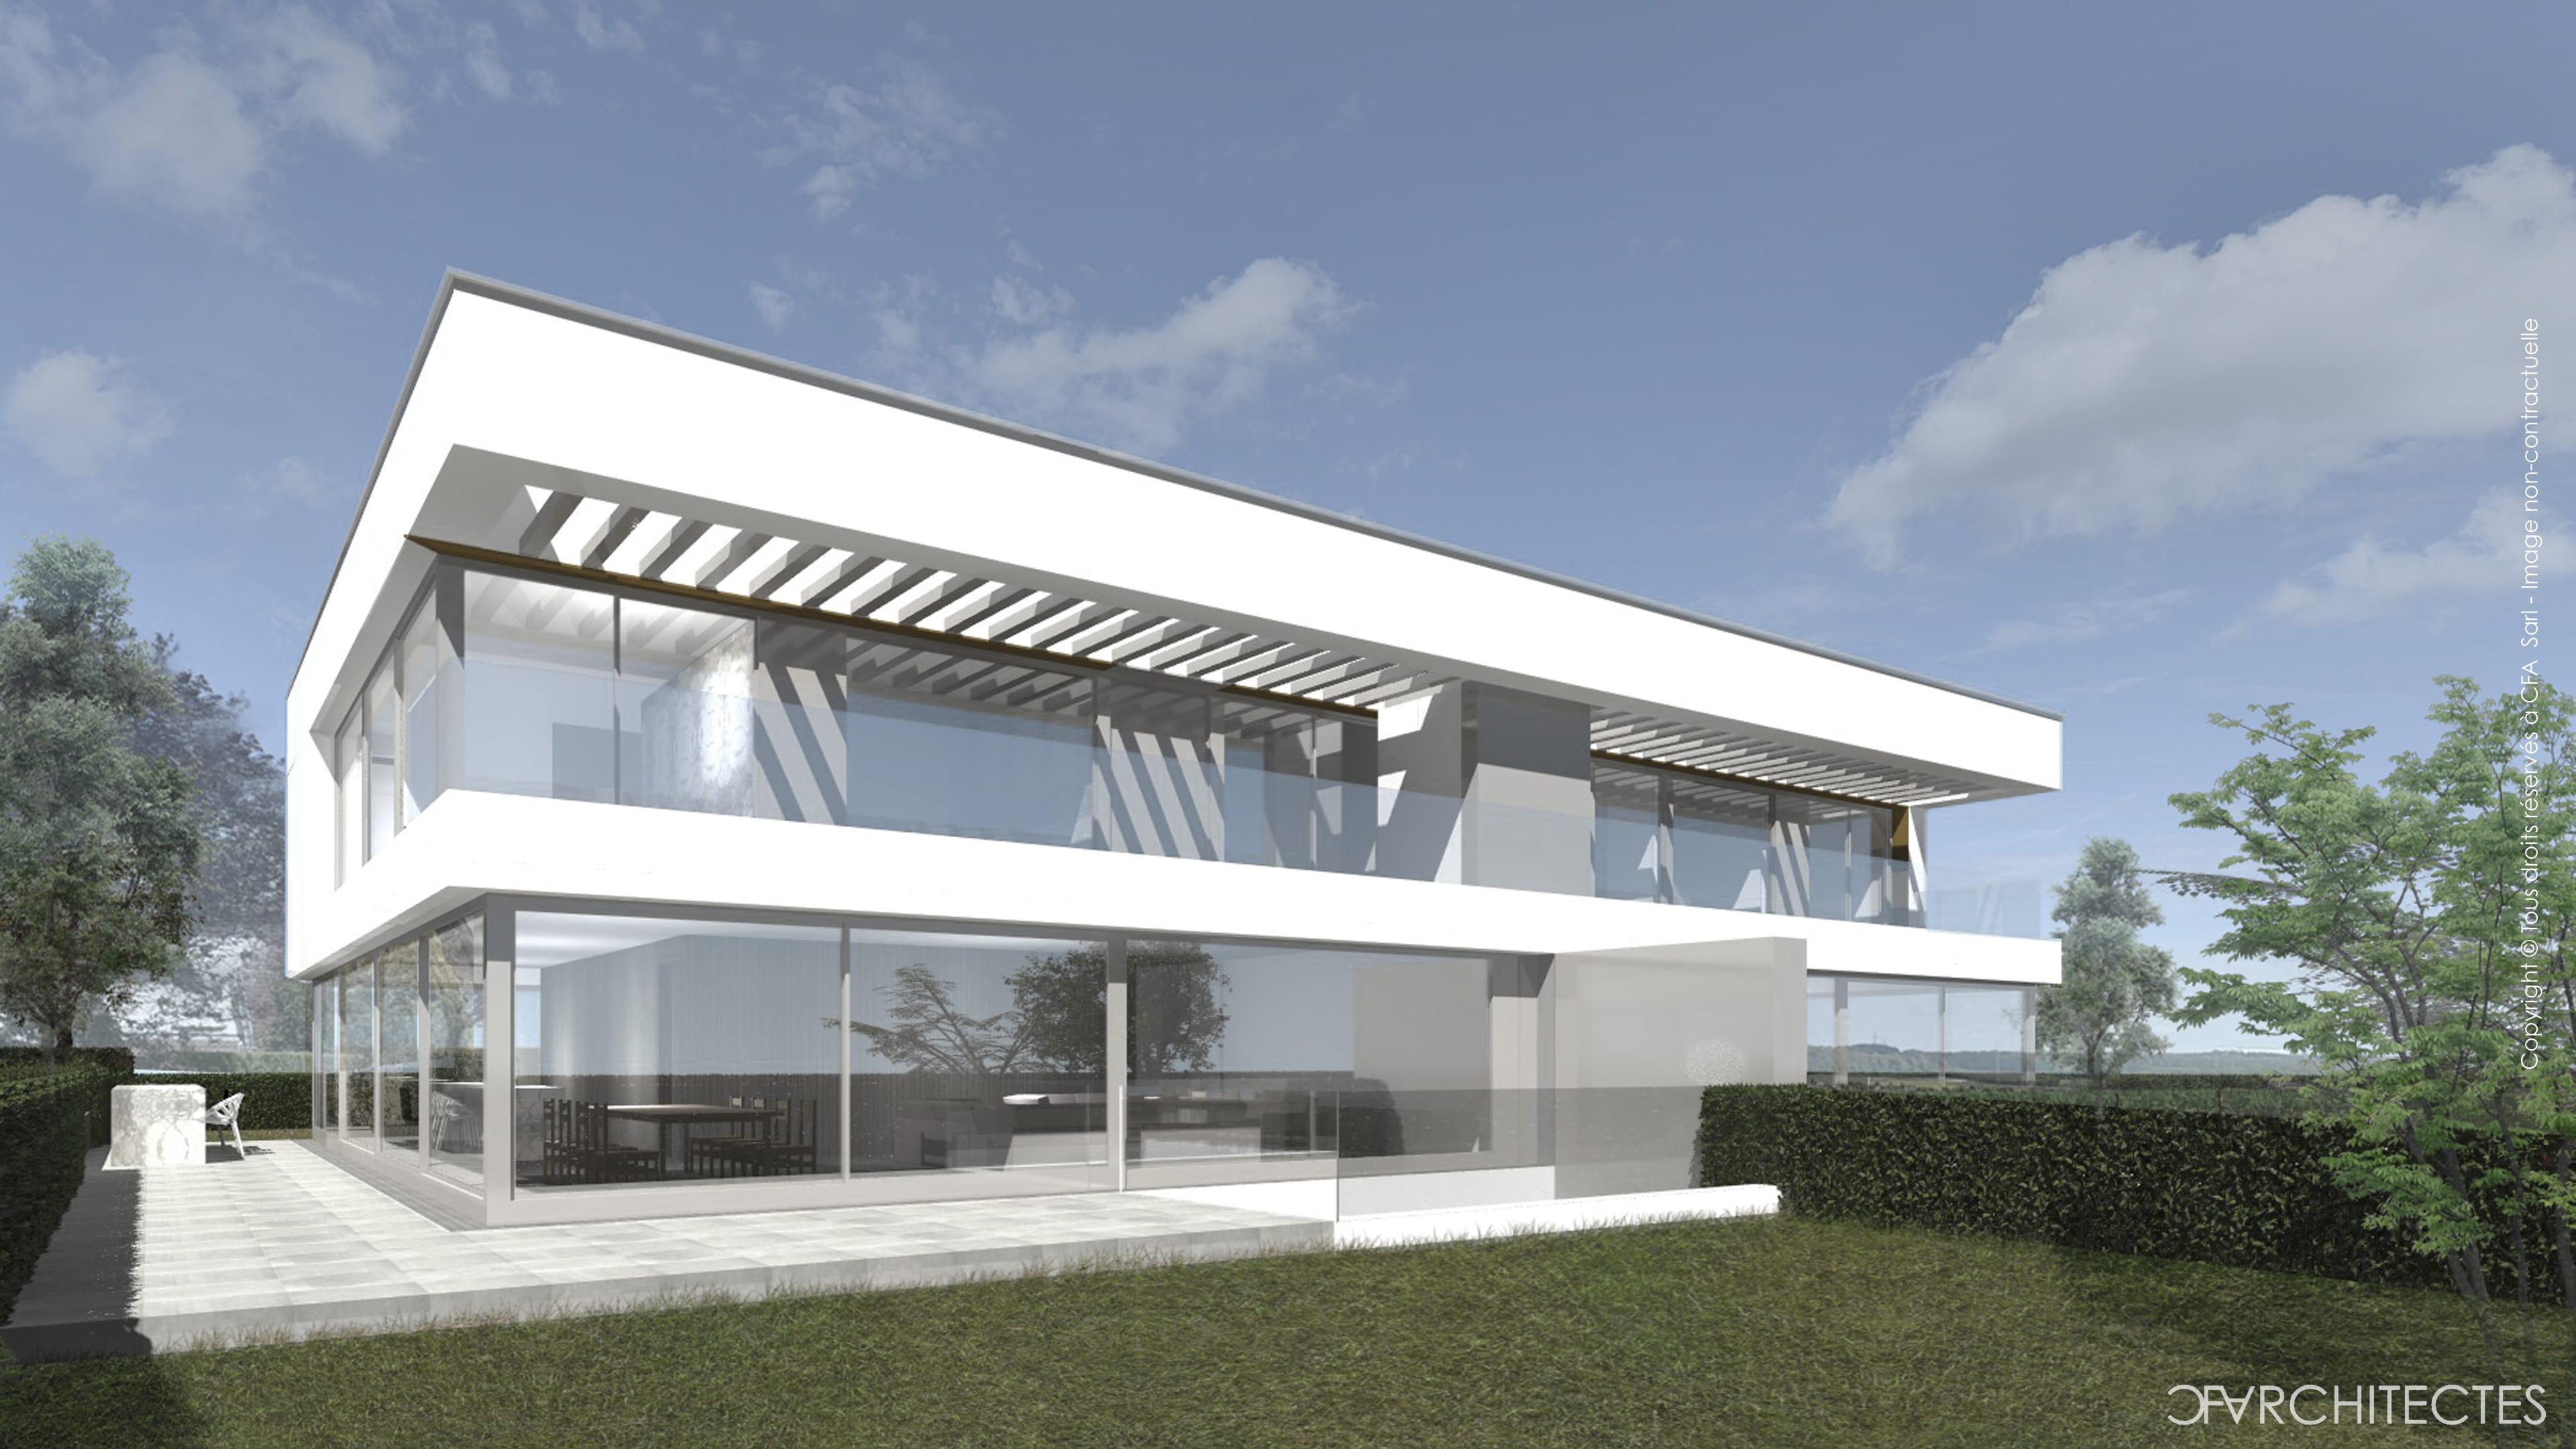 0023-ALZ-CFArchitectes-Architecte-Luxembourg-Villa-Luxe-Intérieur-1